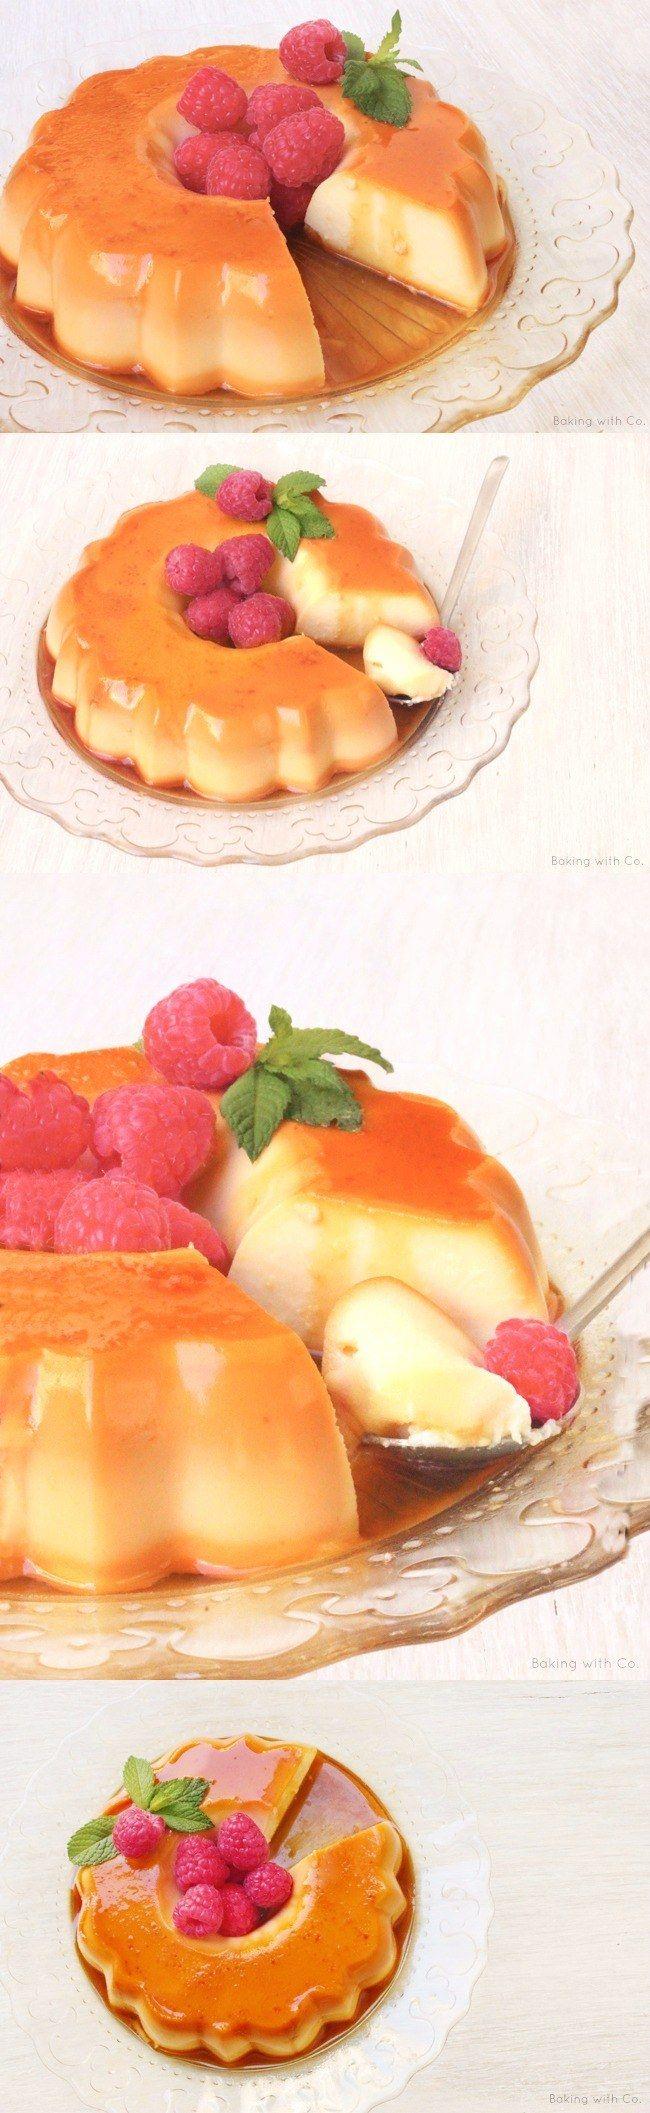 Flan de mascarpone bañado en caramelo / http://bakingwithco.blogspot.com.es